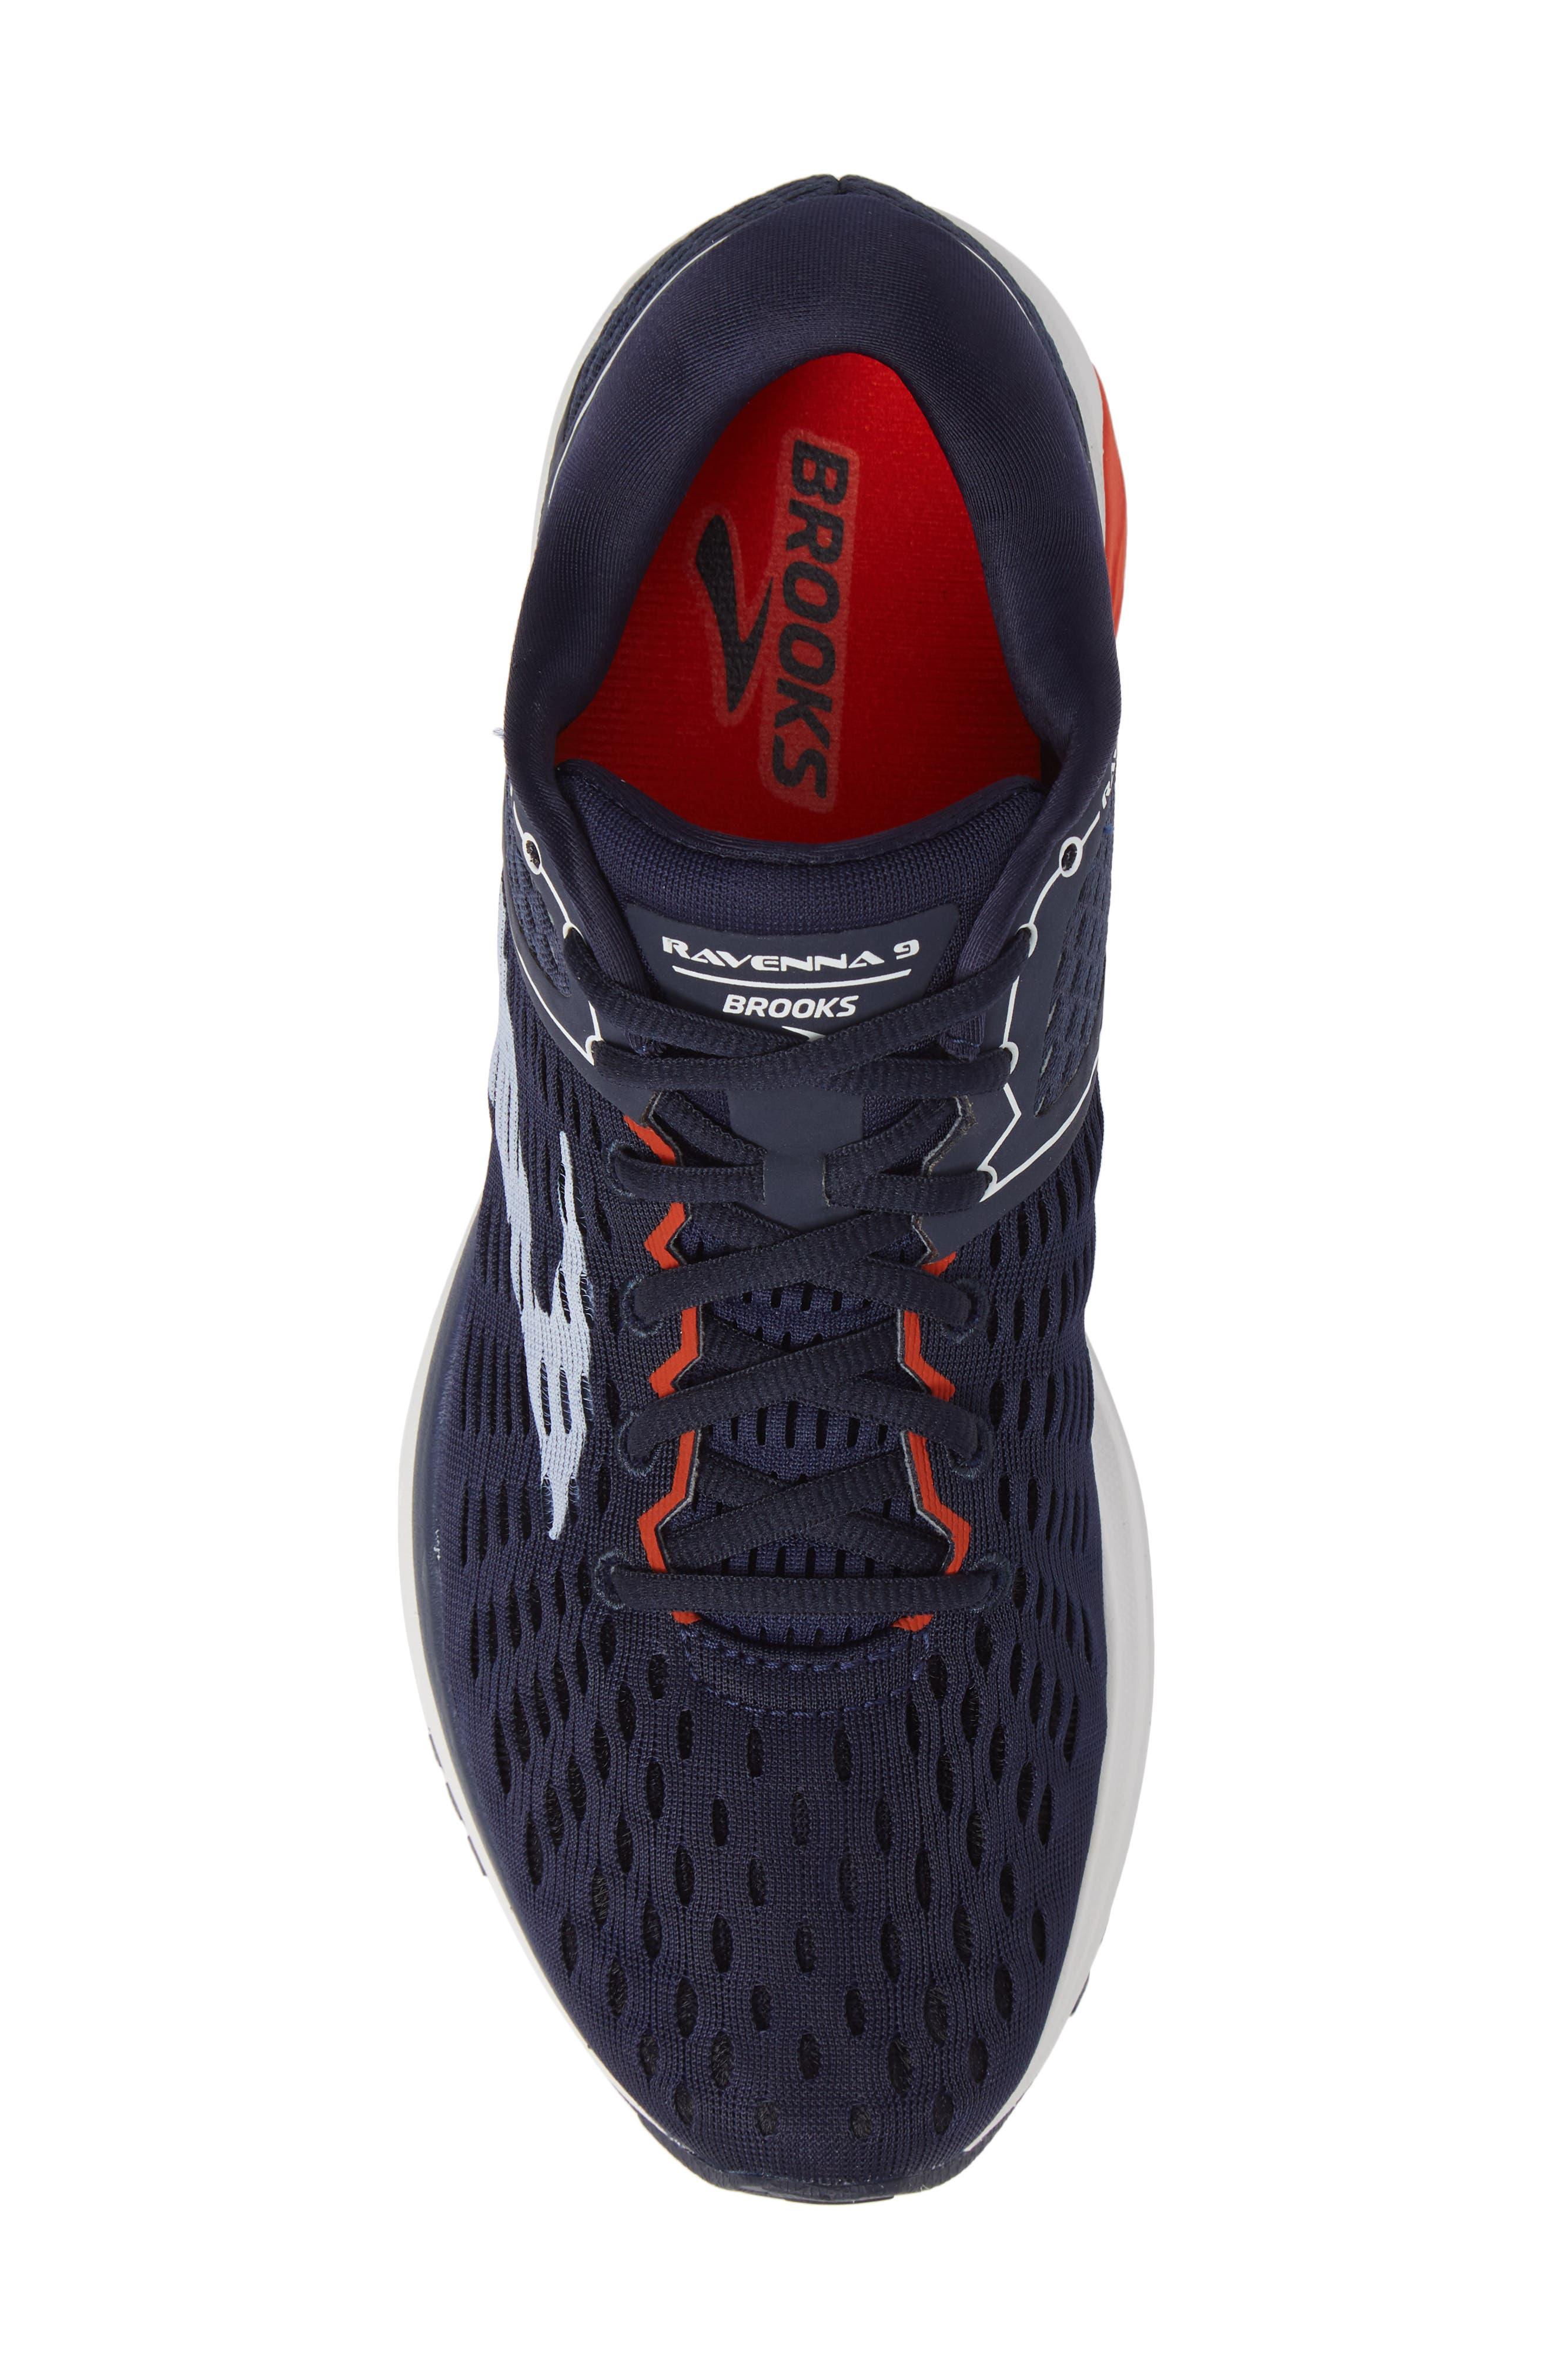 Ravenna 9 Running Shoe,                             Alternate thumbnail 3, color,                             Navy/ White/ Orange